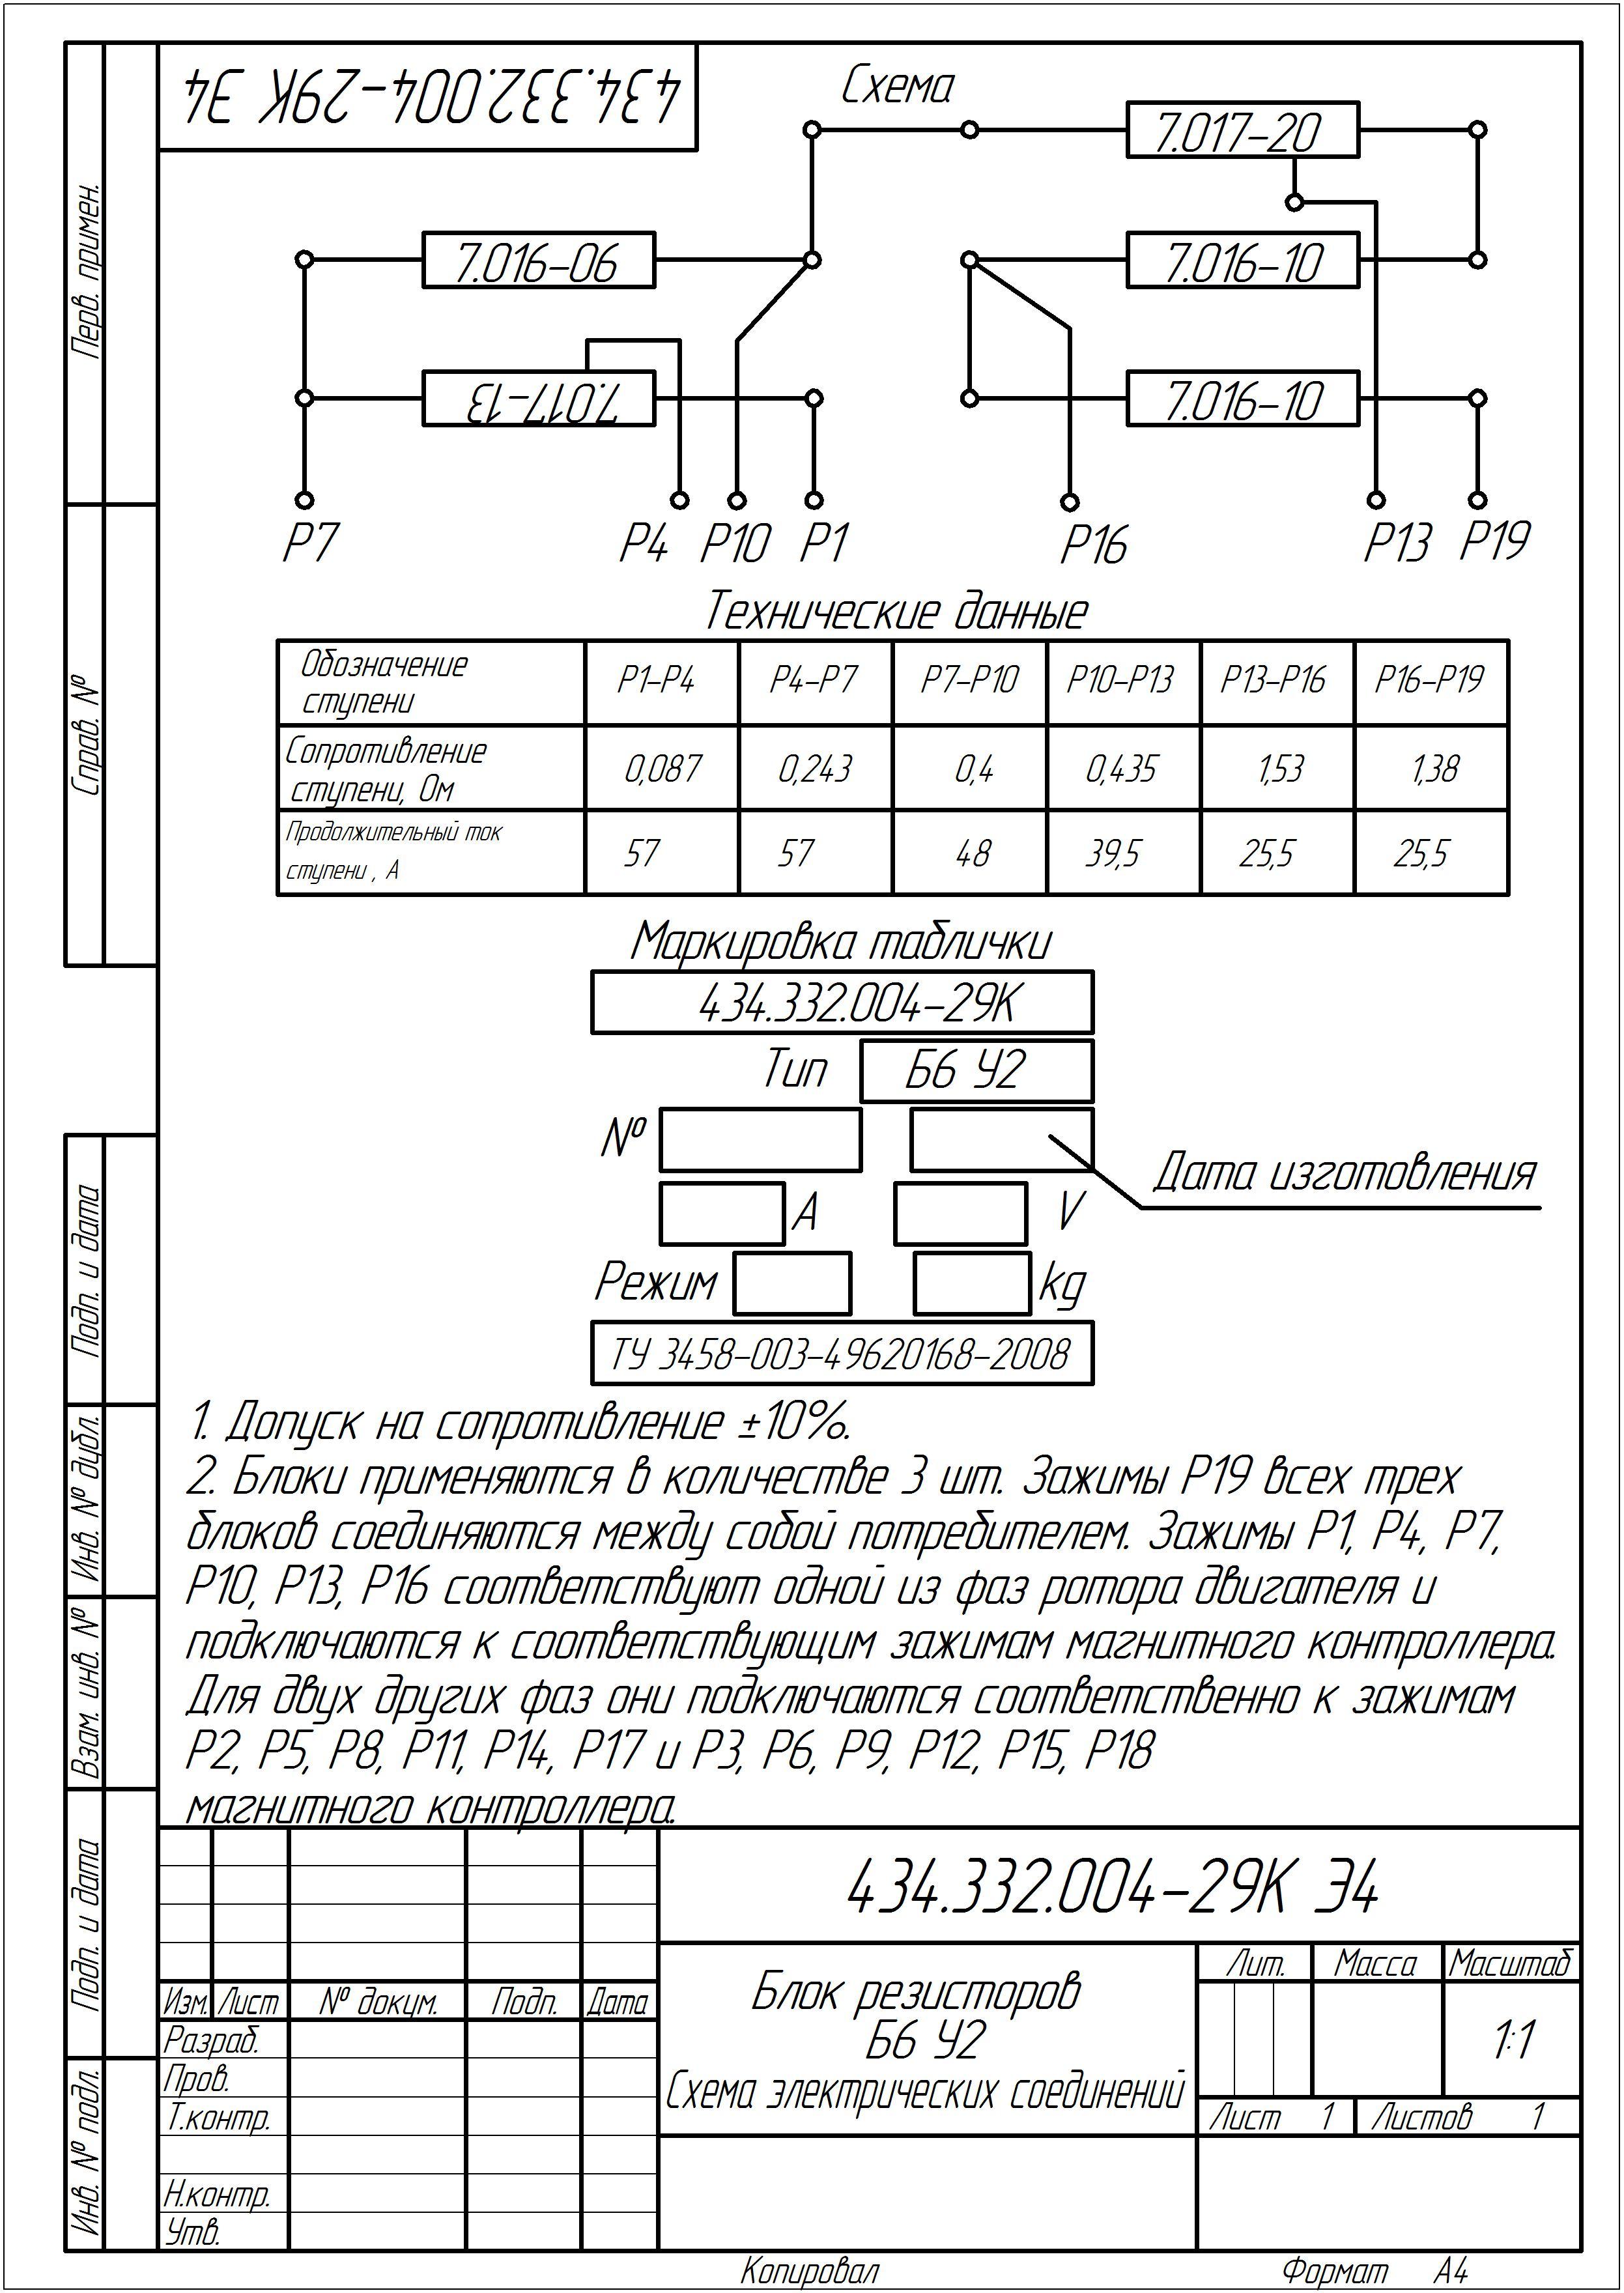 Блок резисторов Б6 У2 ИРАК 434.332.004-29